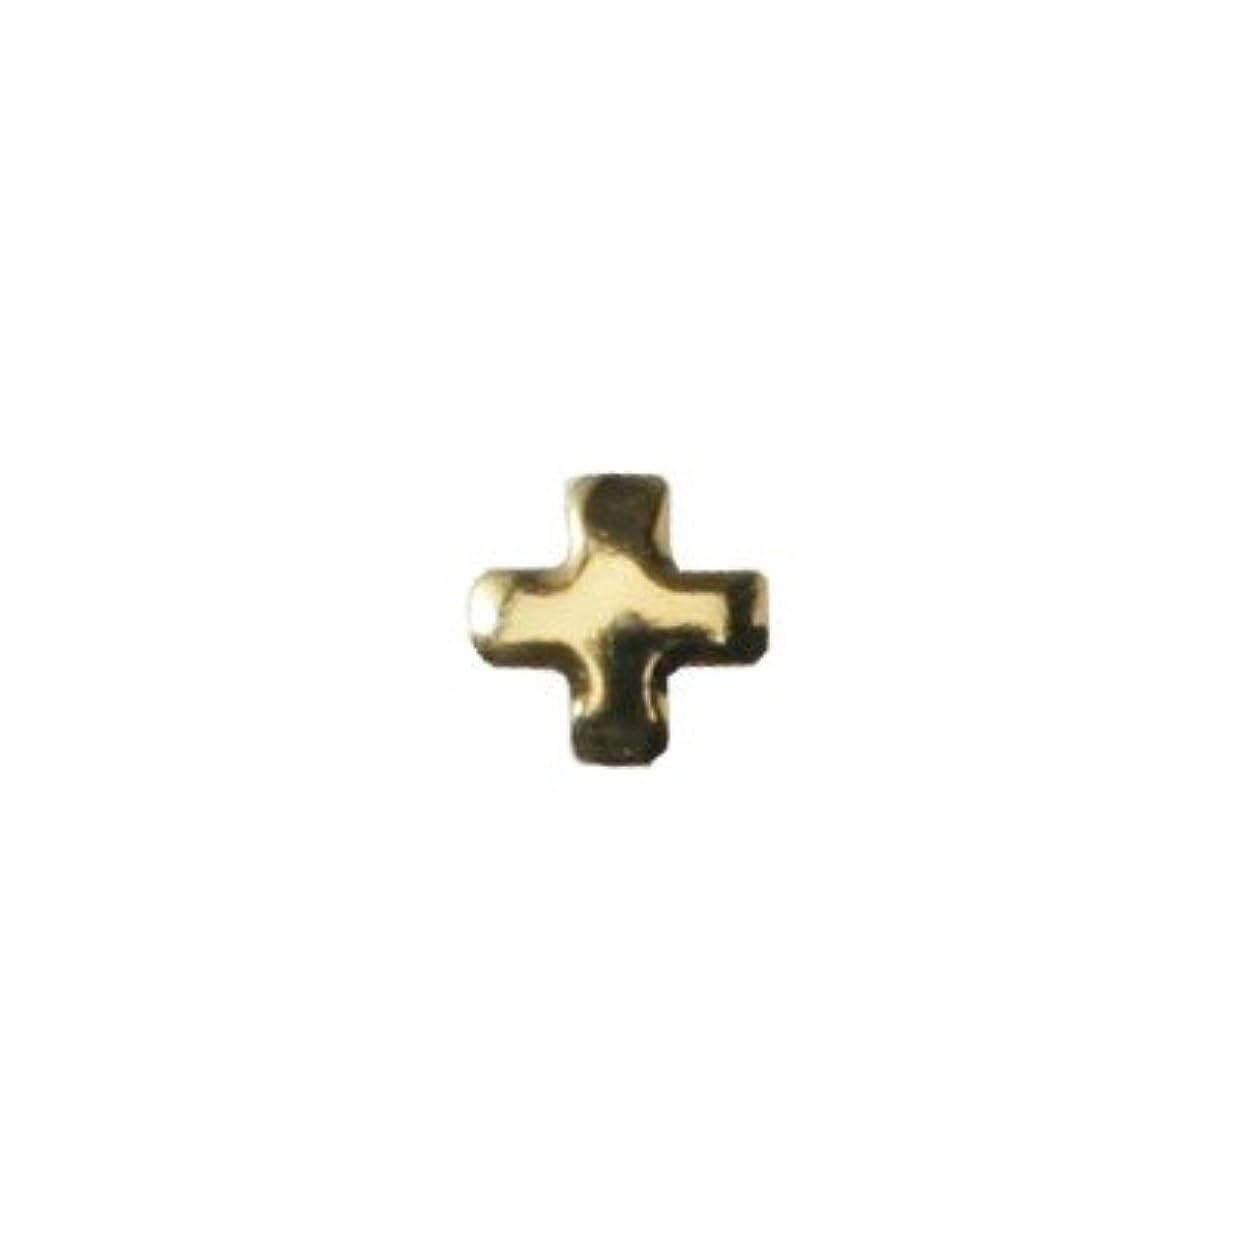 満たすあなたのもの重なるピアドラ スタッズ クロスレット 3mm 50P ゴールド